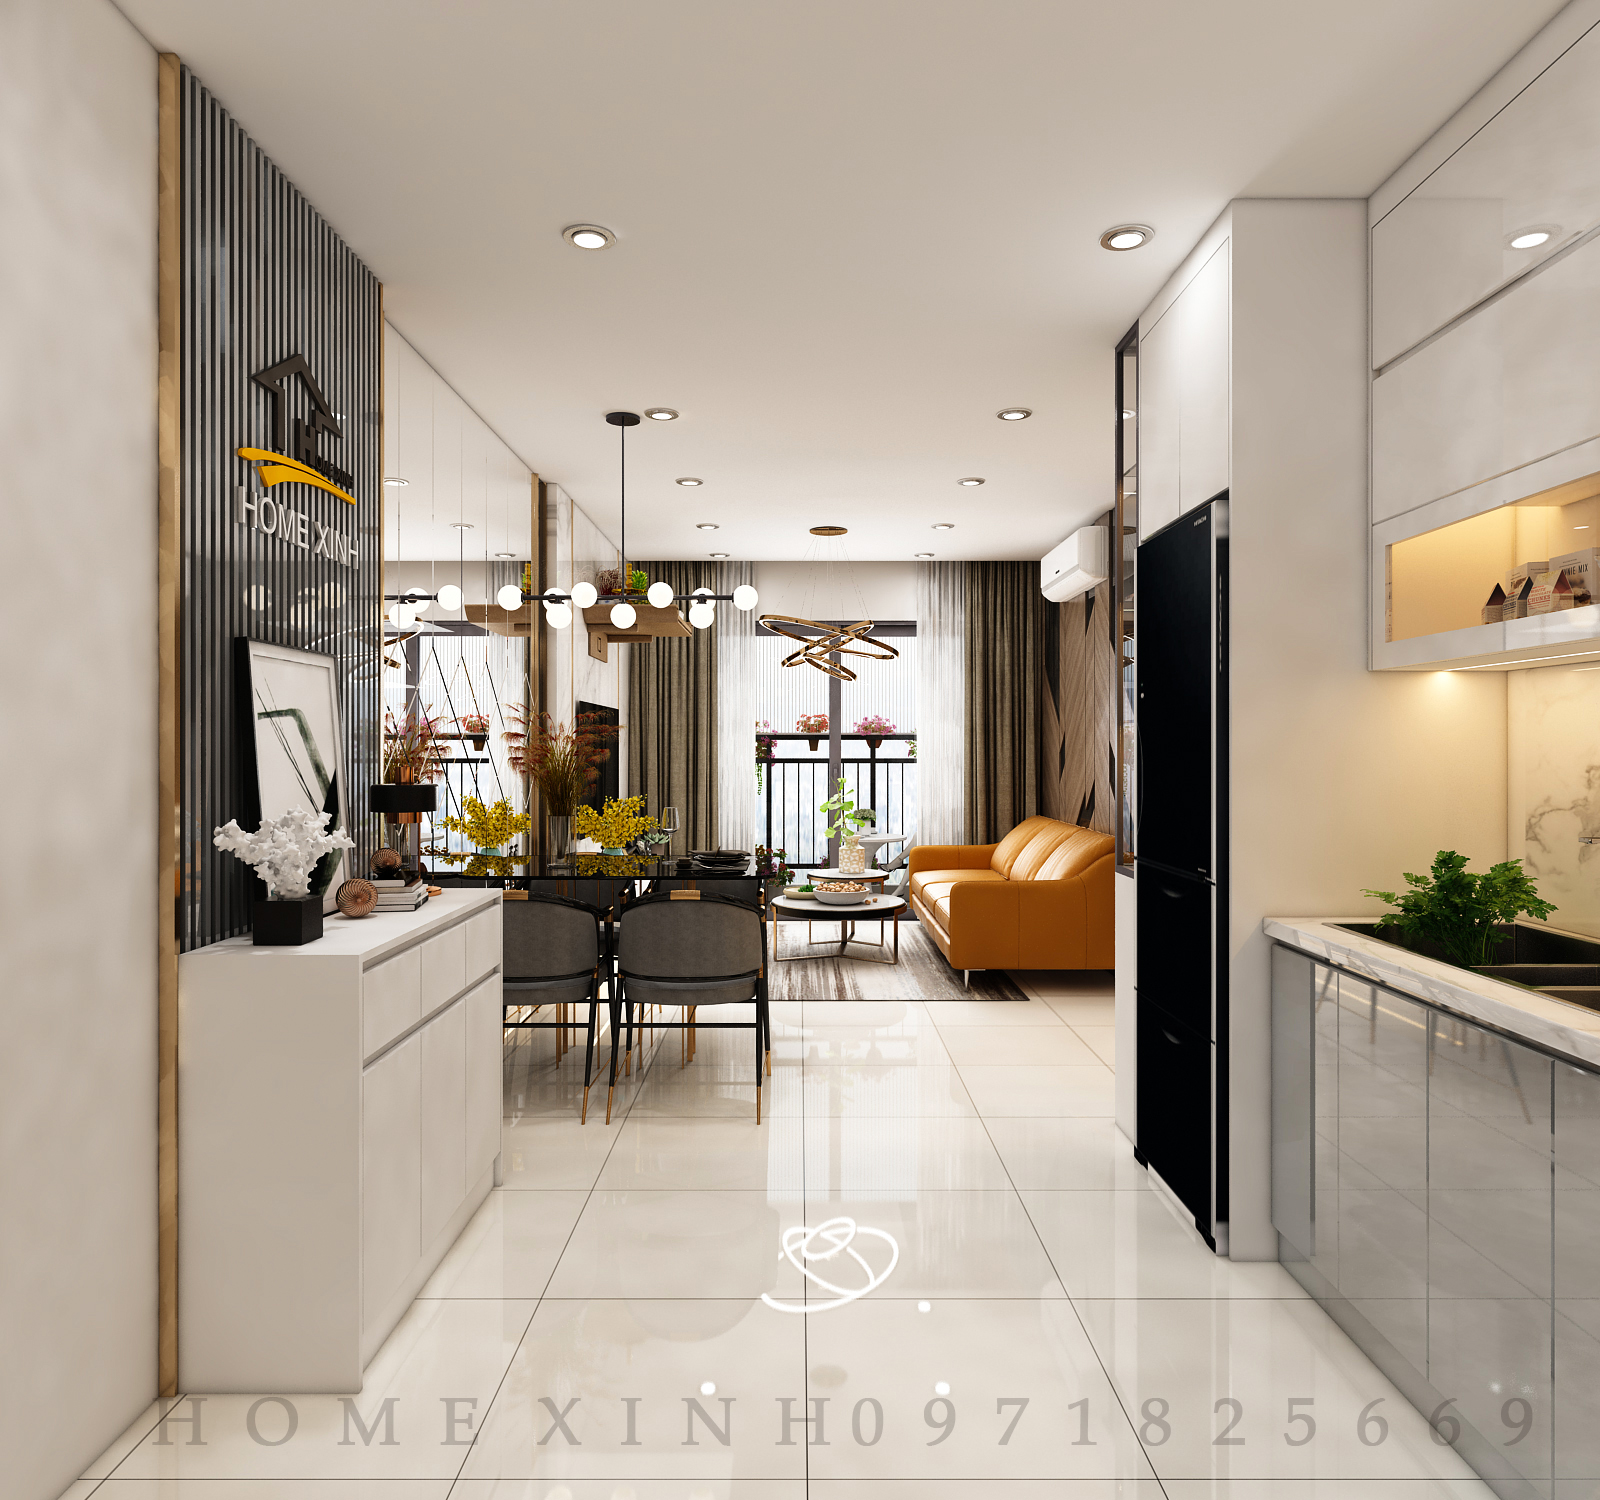 thiết kế nội thất chung cư 9